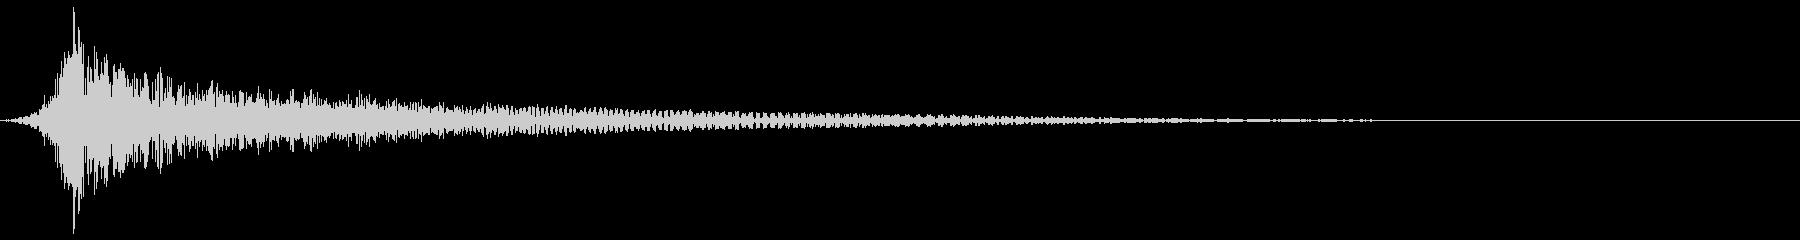 シネマチックなインパクト音の未再生の波形